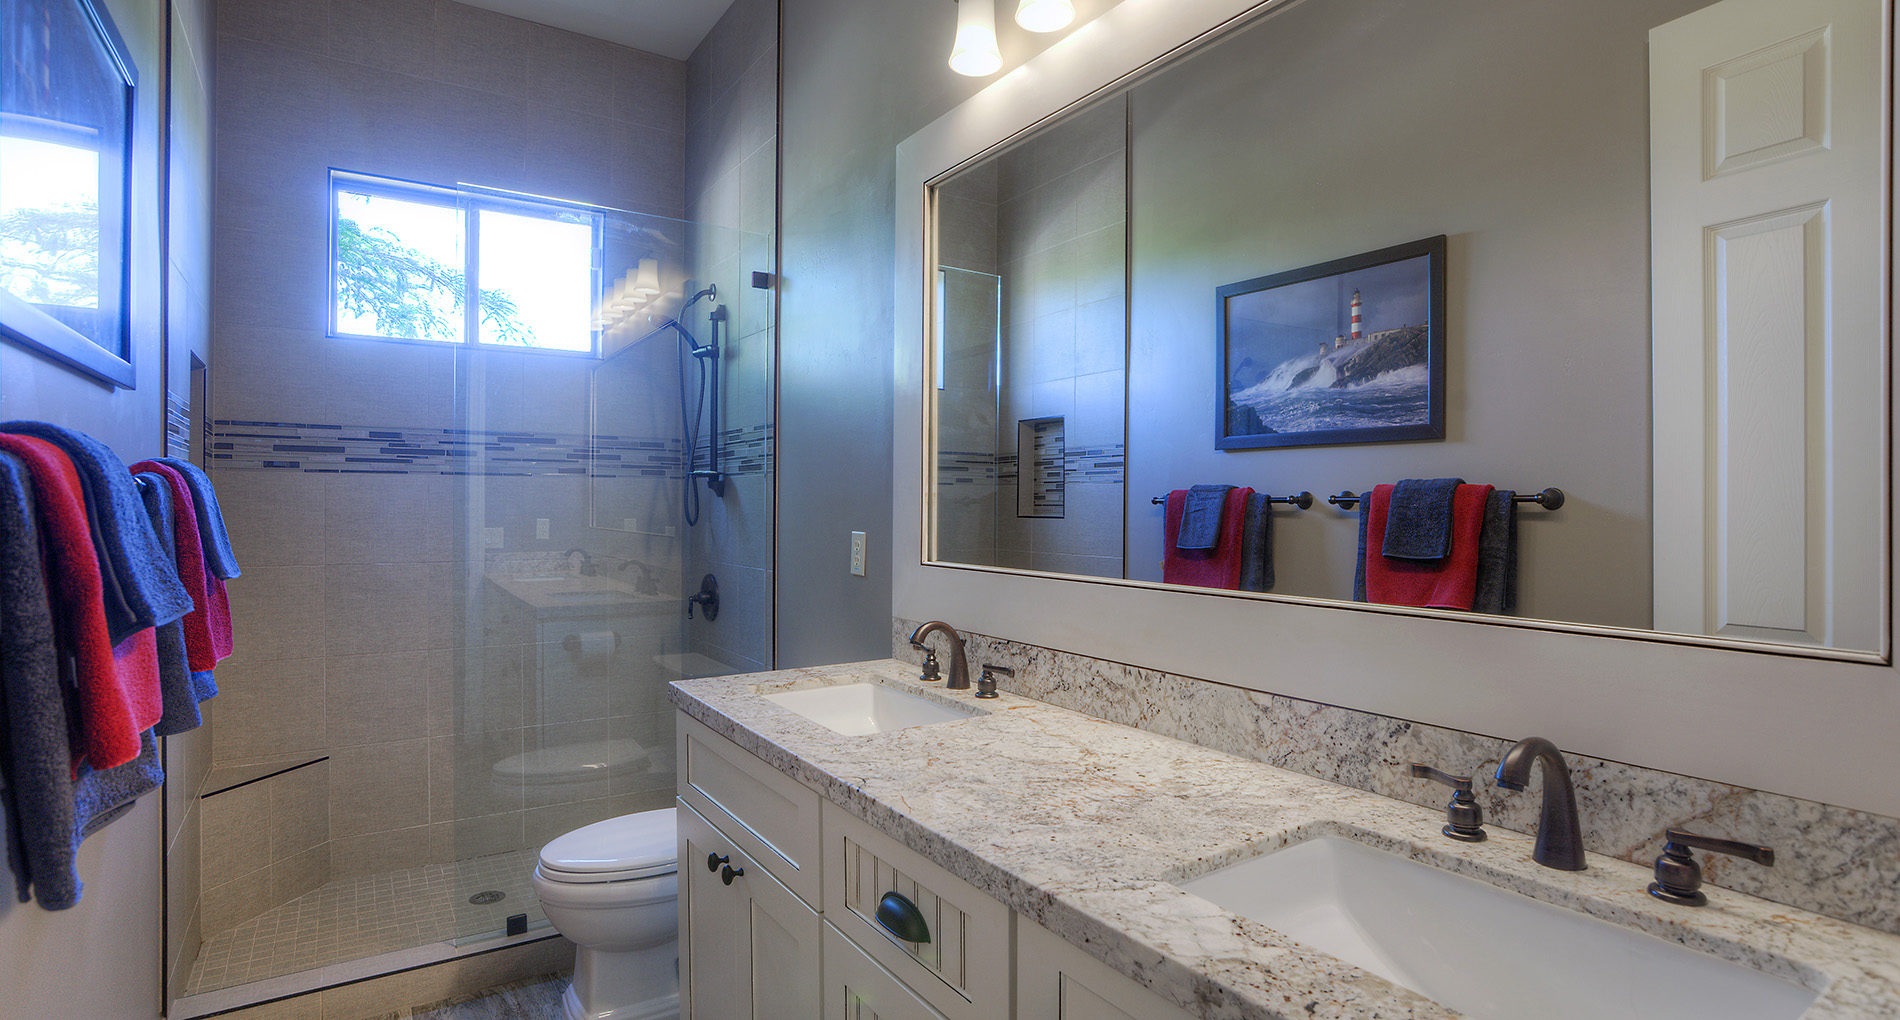 Bathroom Remodeling Design In Scottsdale Alair Homes Scottsdale - 1900 bathroom remodel